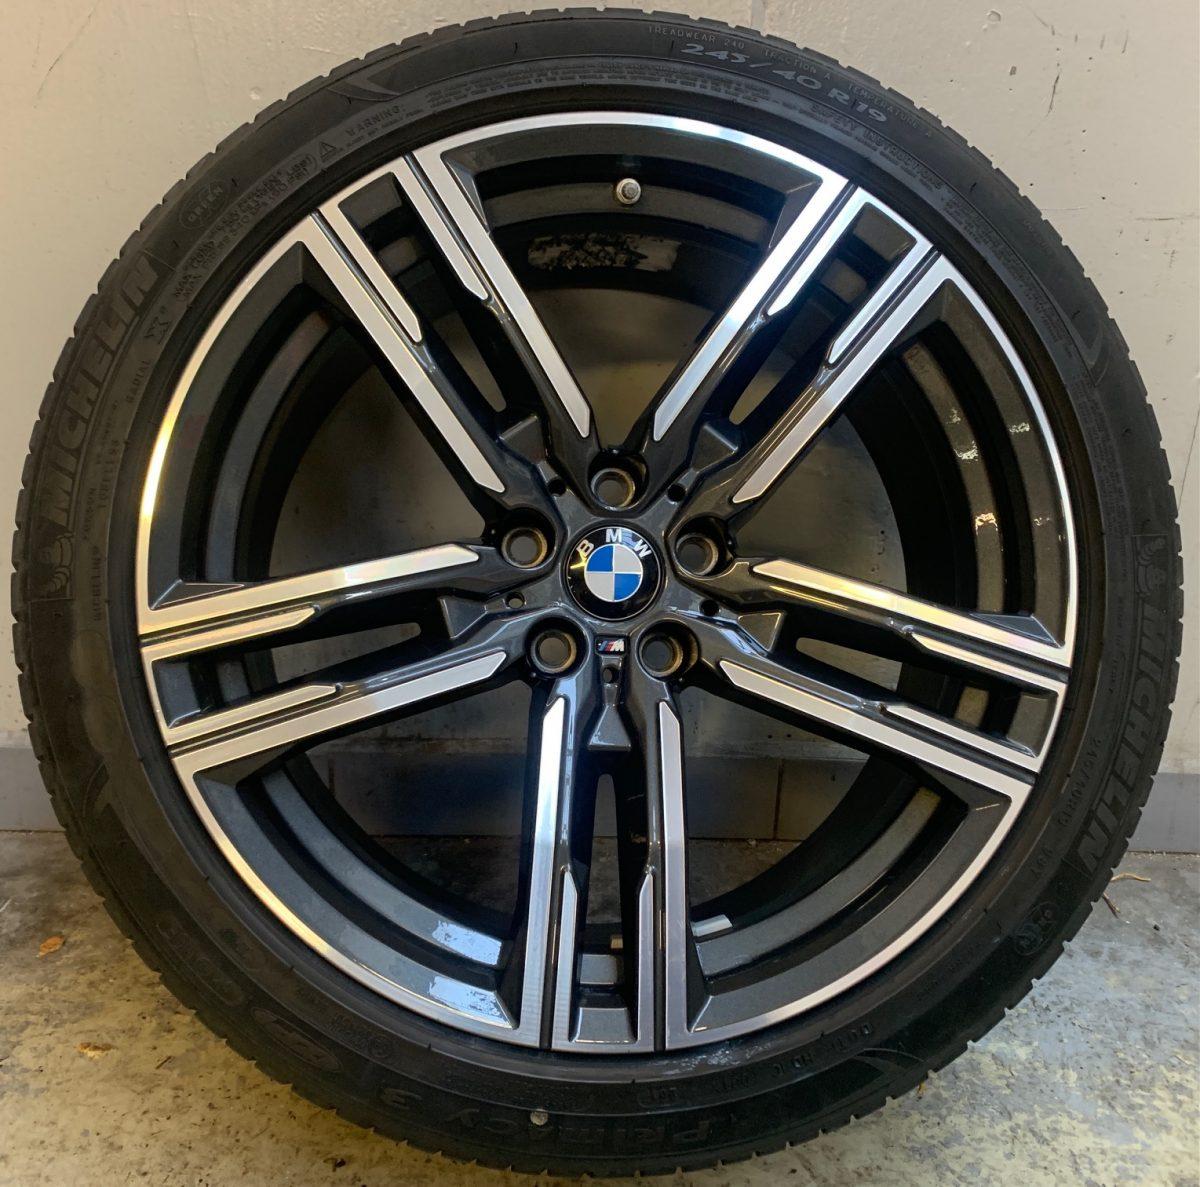 Gyári alufelni BMW 3 G30-G15 (727M Style) 8X19 9x19 új nyárikerék-garnitúra! kétszéles Pirelli és Michelin gumikkal,nyomásszenzorral 1